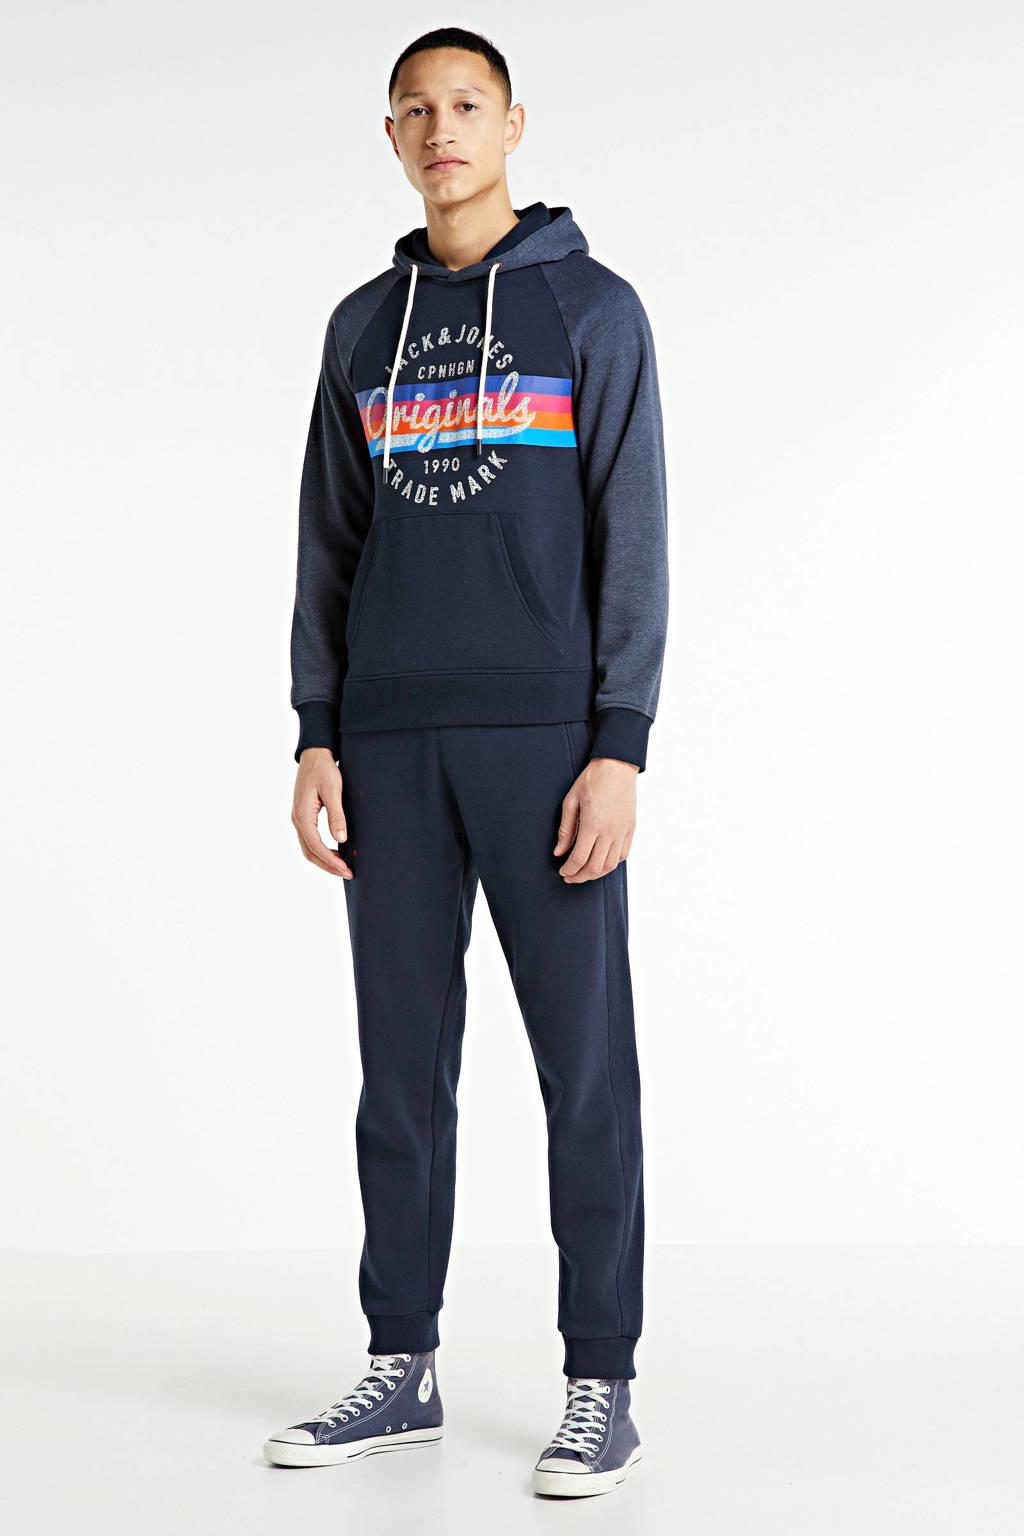 JACK & JONES ORIGINALS hoodie met logo donkerblauw, Donkerblauw